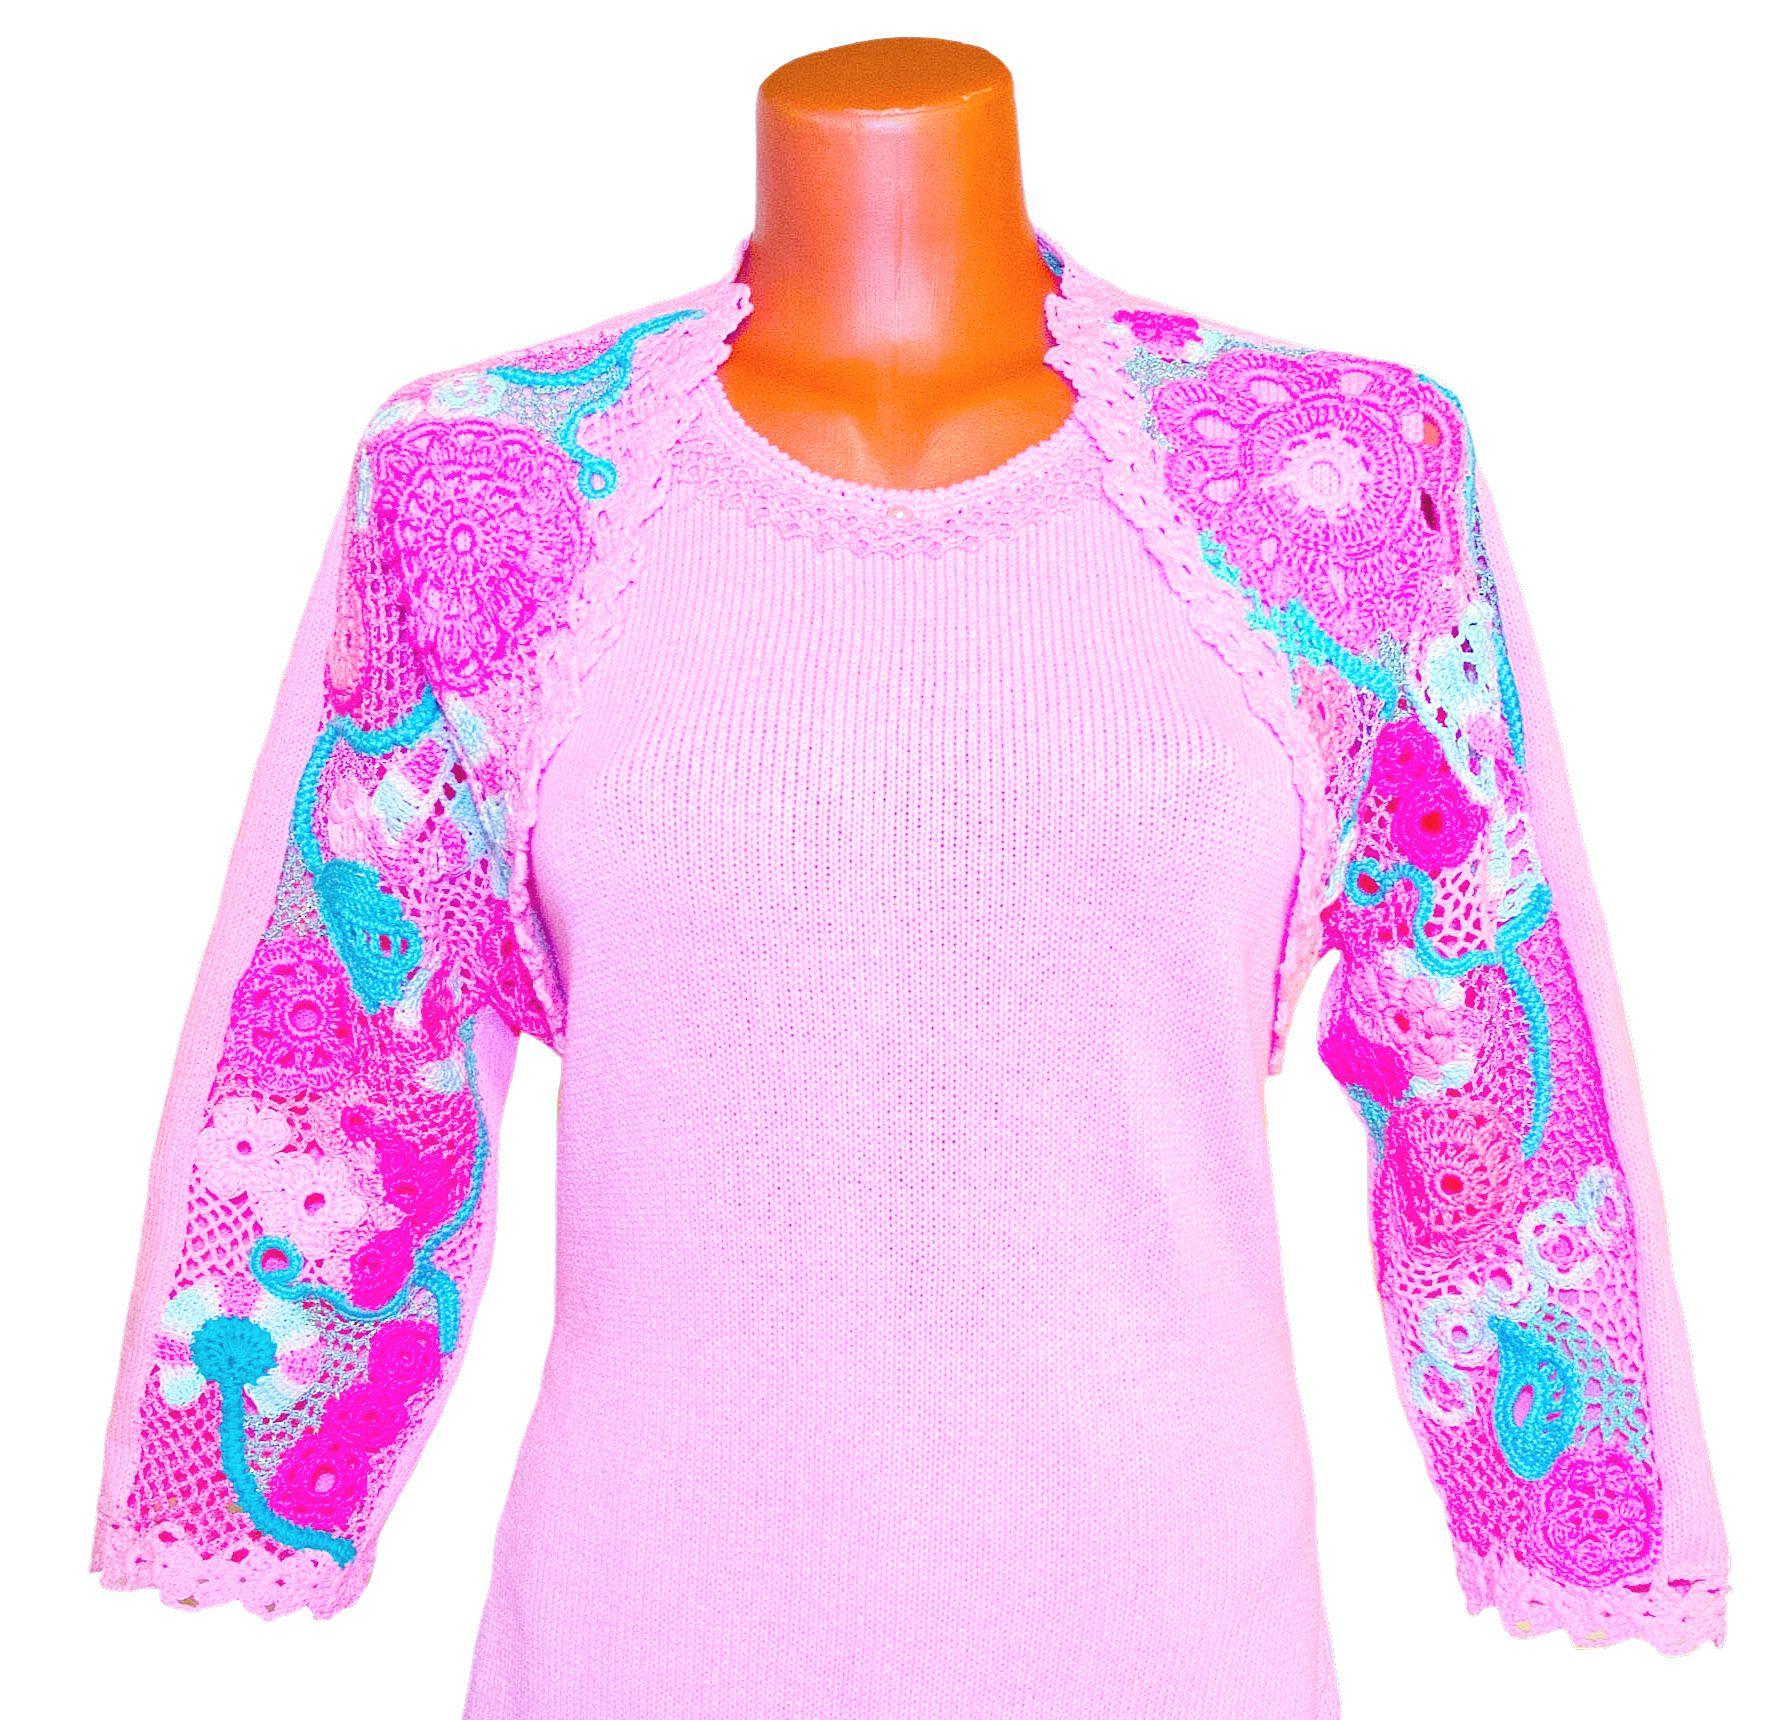 бледно-розовый ирландское авторский кружево вязаное дизайн фриволите с болеро платье вечернее